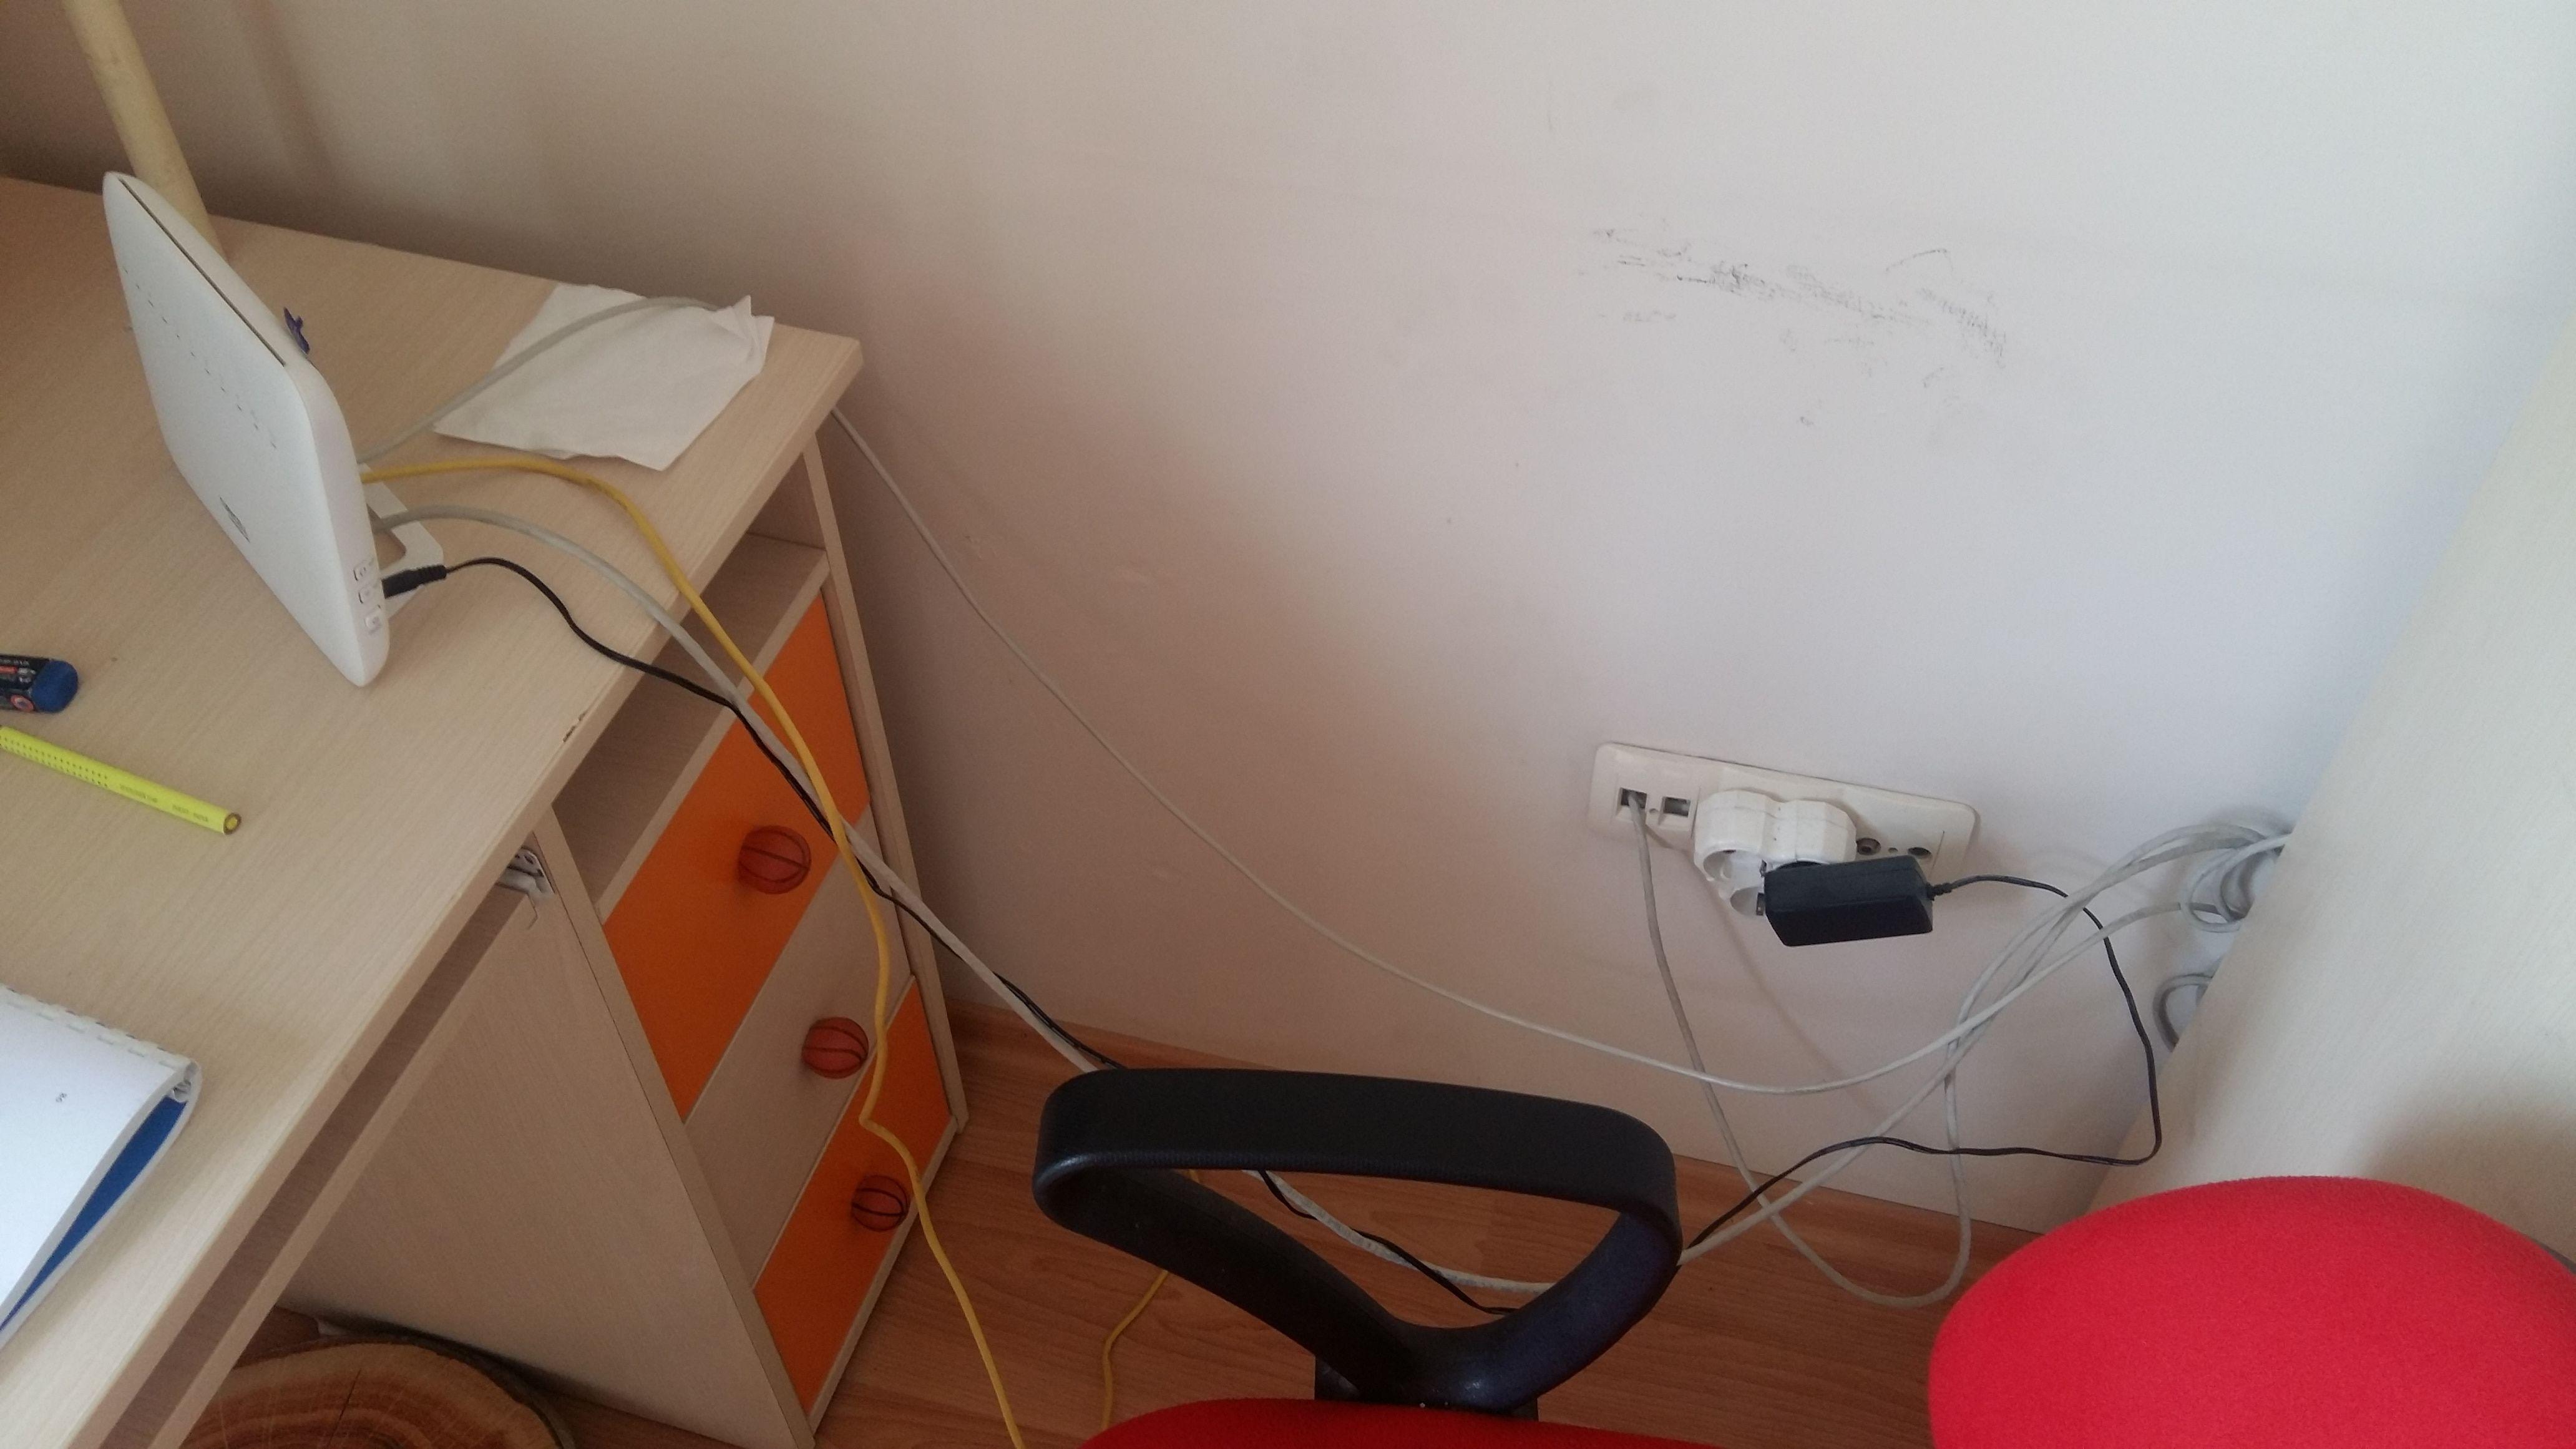 Kablo kanalı nasıl düzenlenir